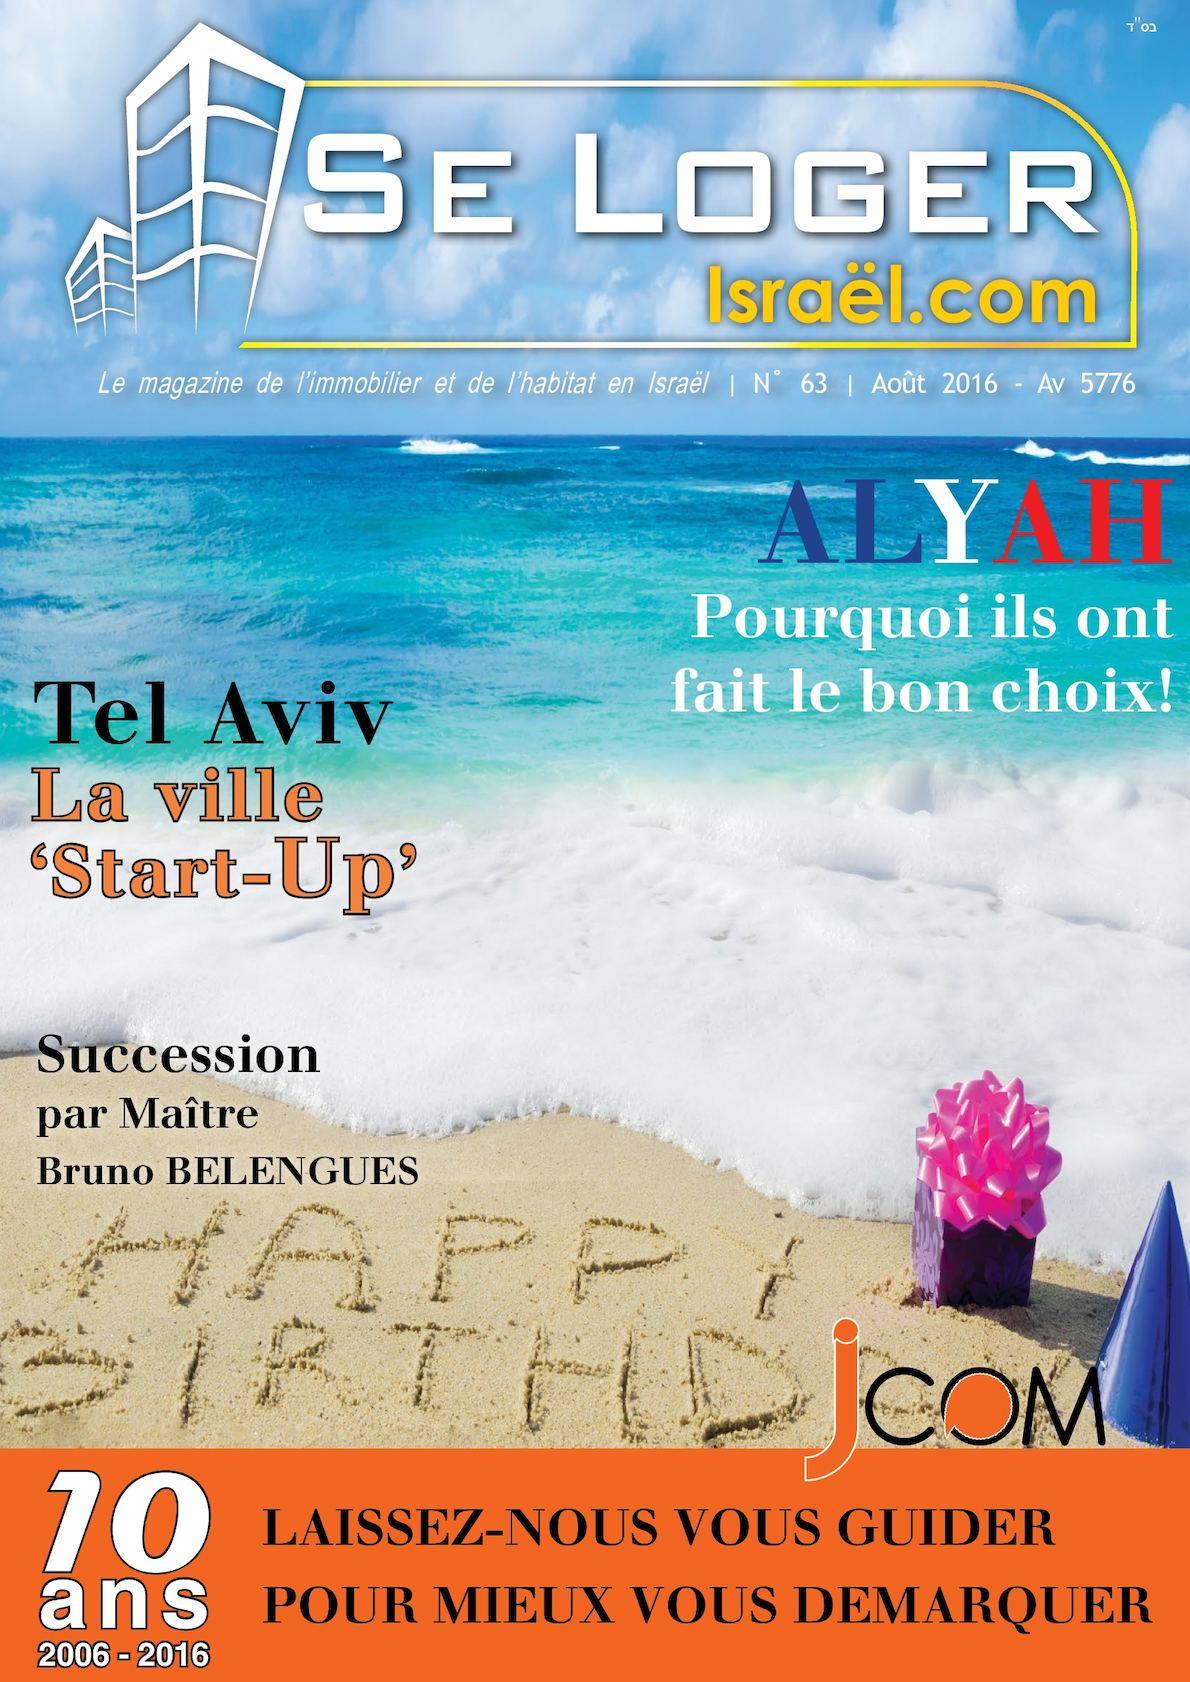 Calameo Seloger Israel Com 63